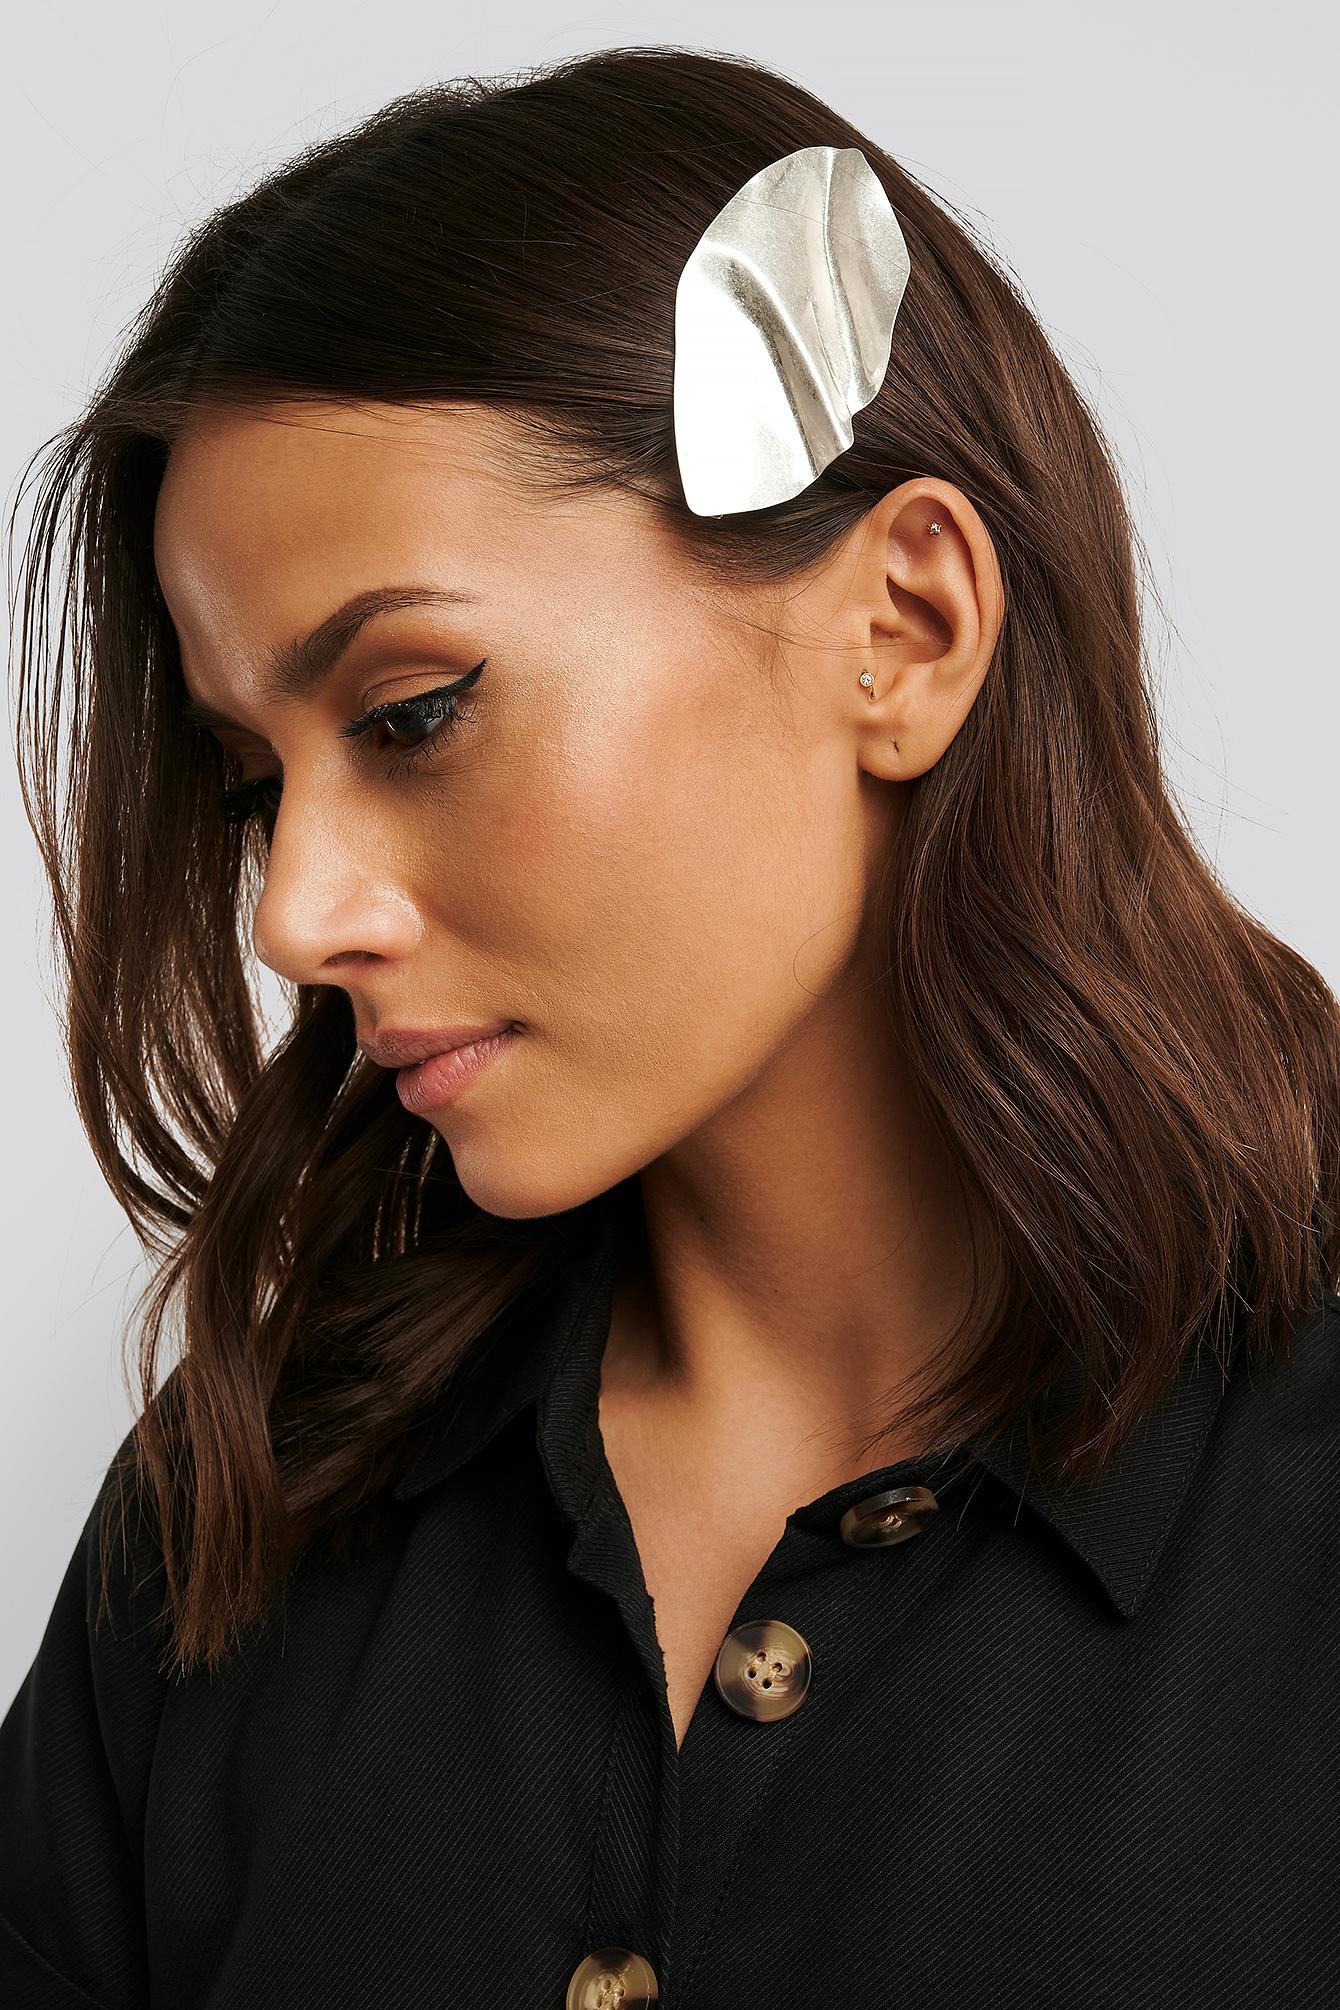 na-kd accessories -  Haarspange Aus Gebogenem Metall - Silver